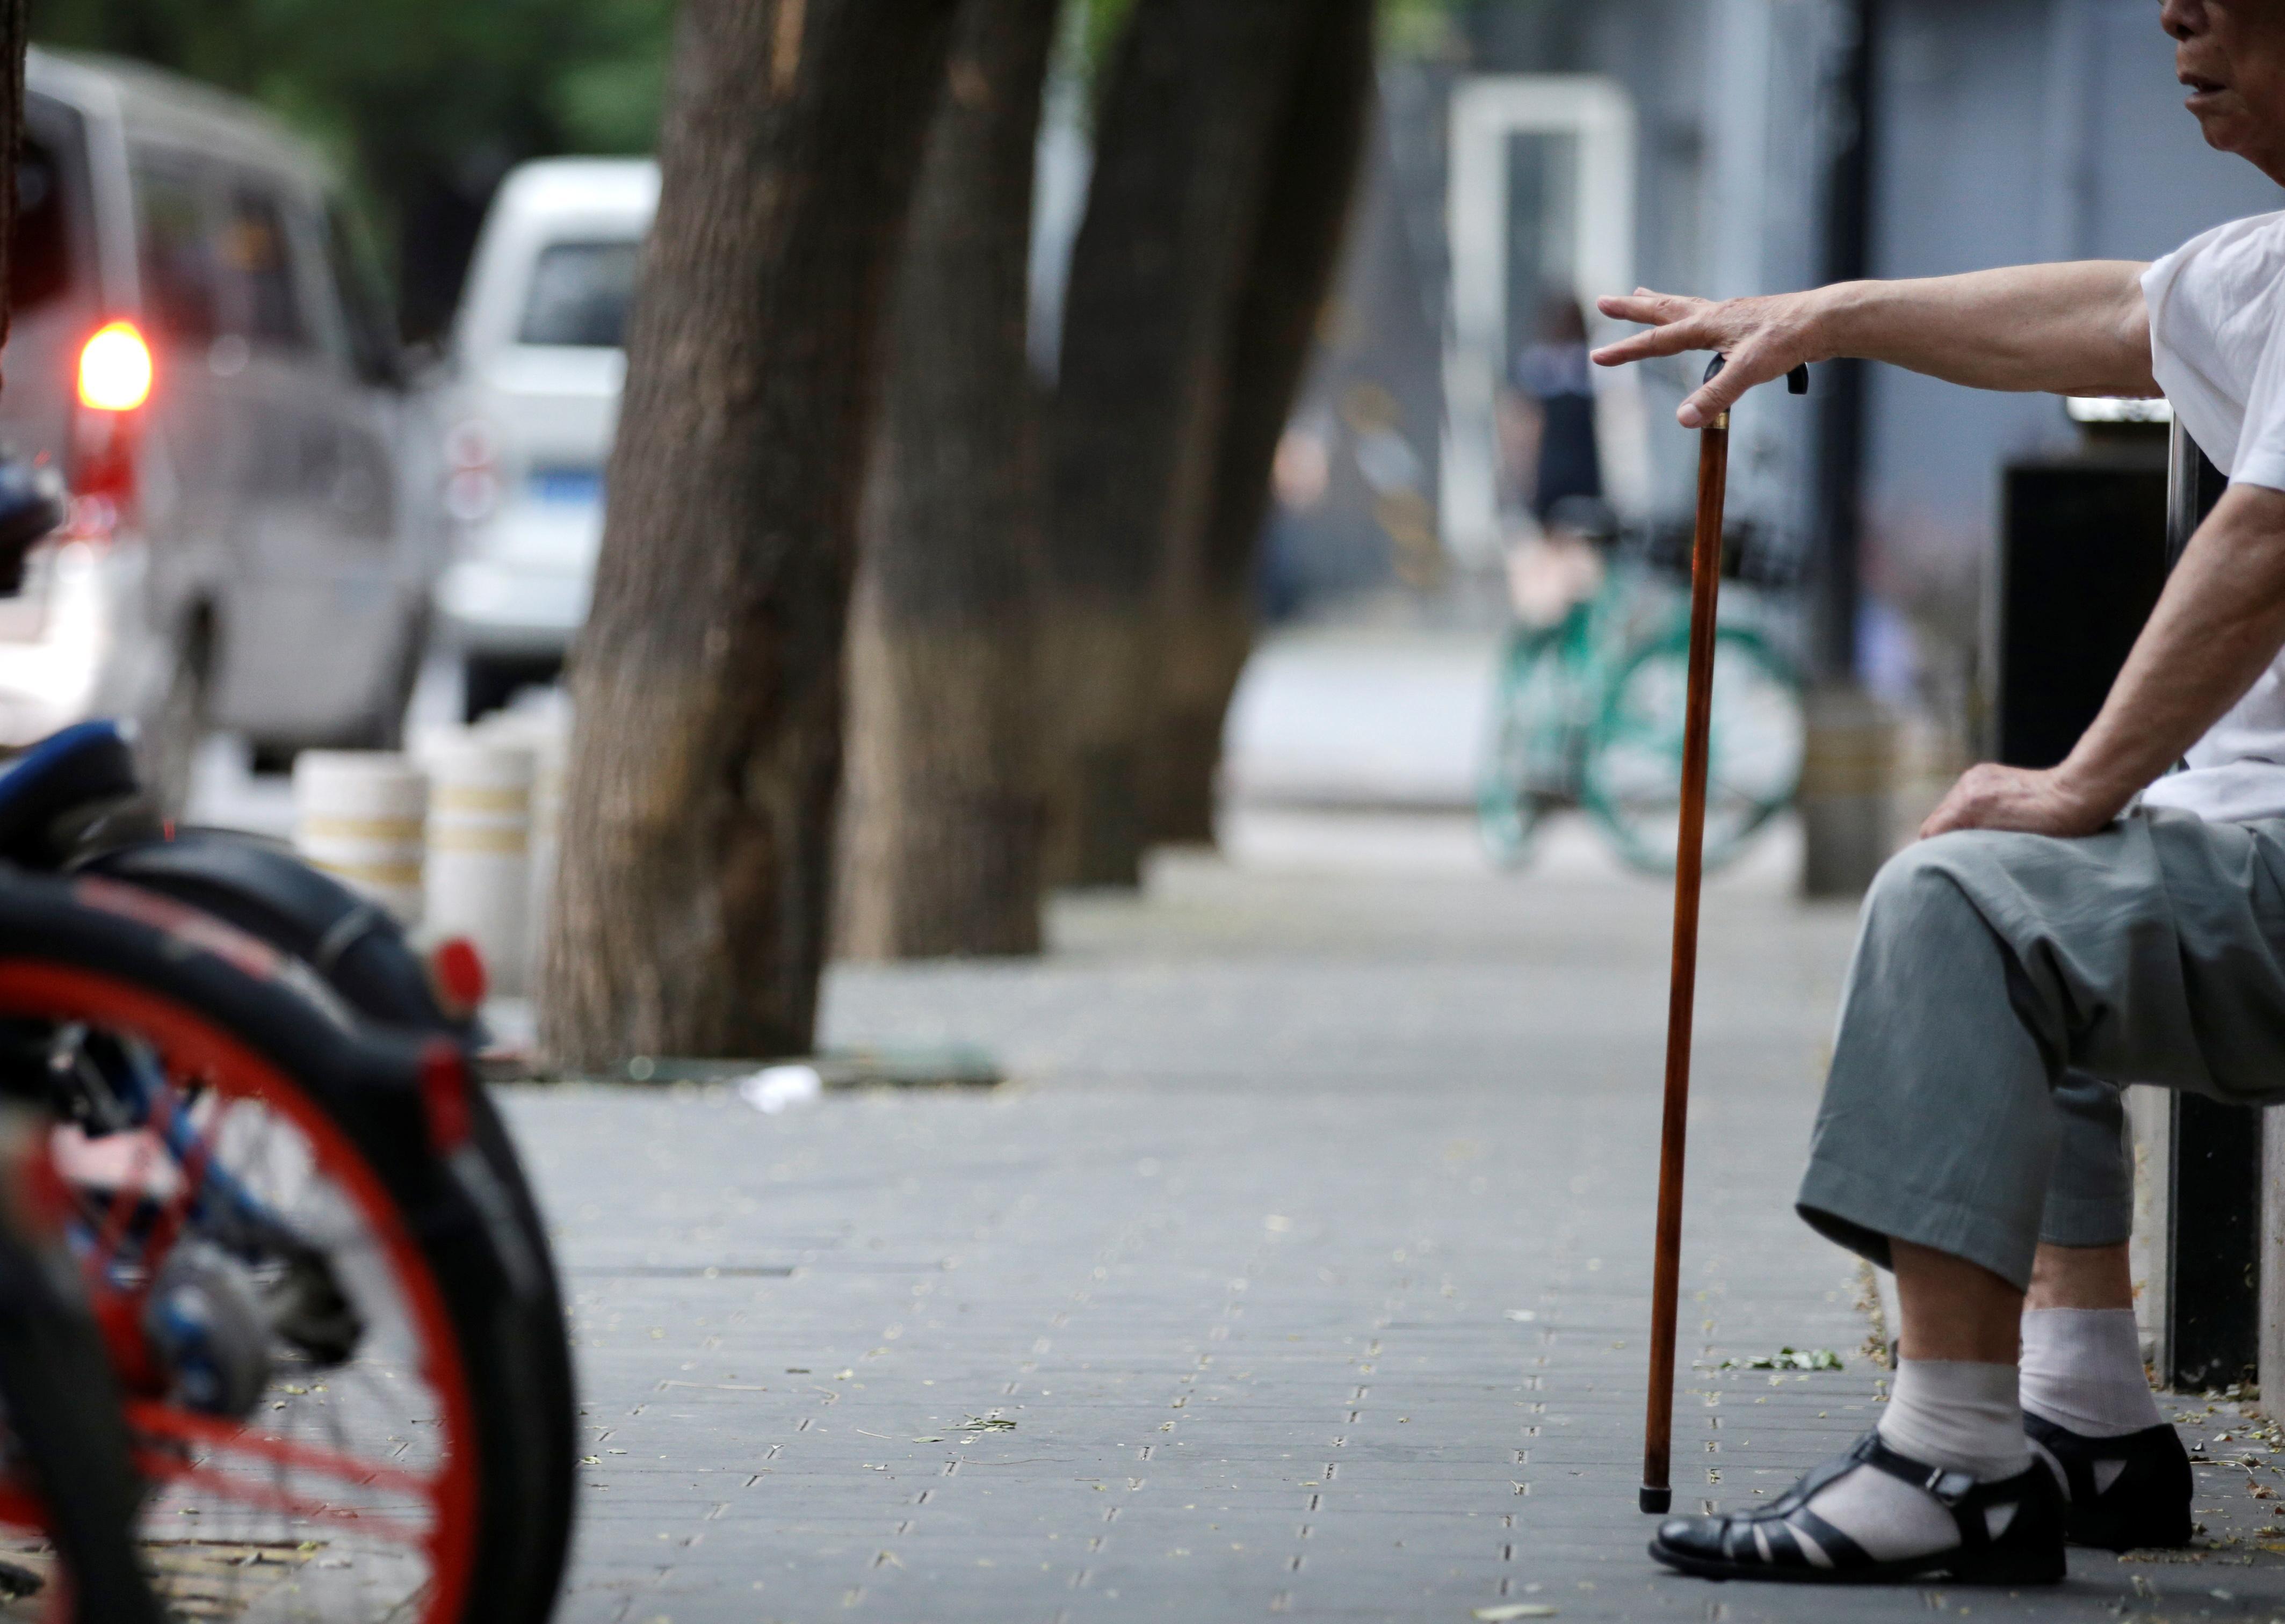 Une technologie domotique intelligente fait son entrée sur le marché émergent des soins aux personnes âgées en Chine